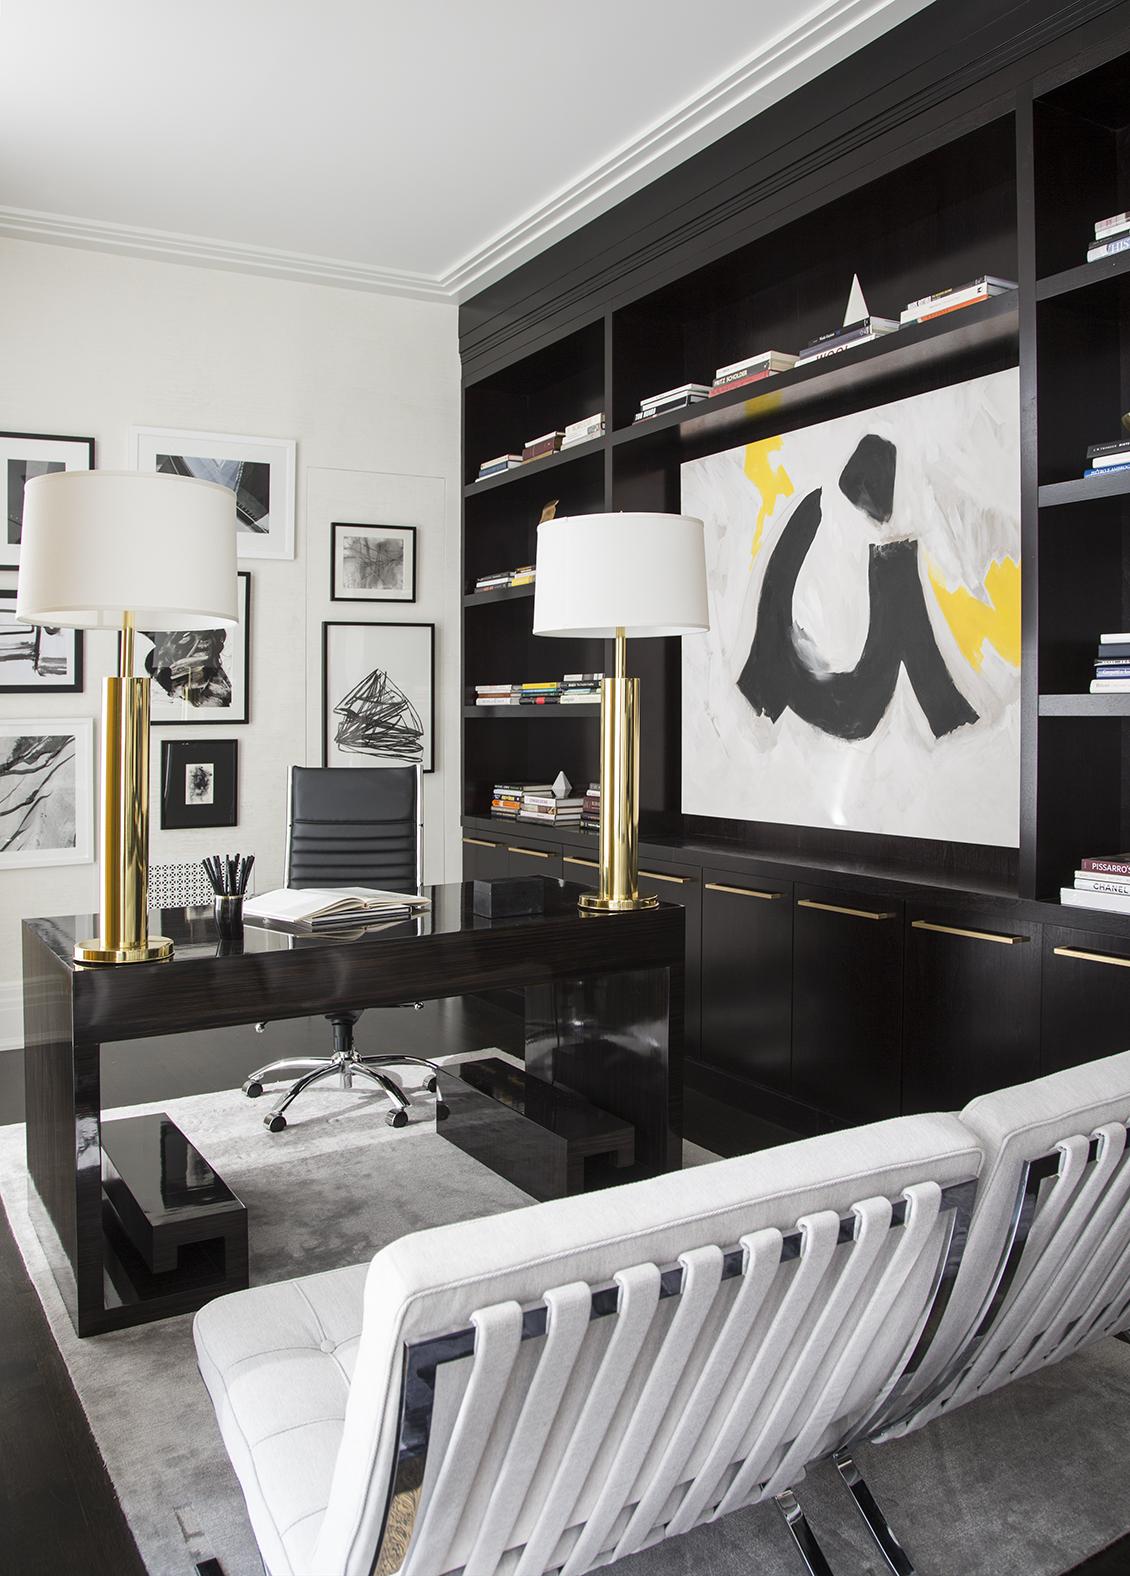 Interior design byWendy Labrum Interiors